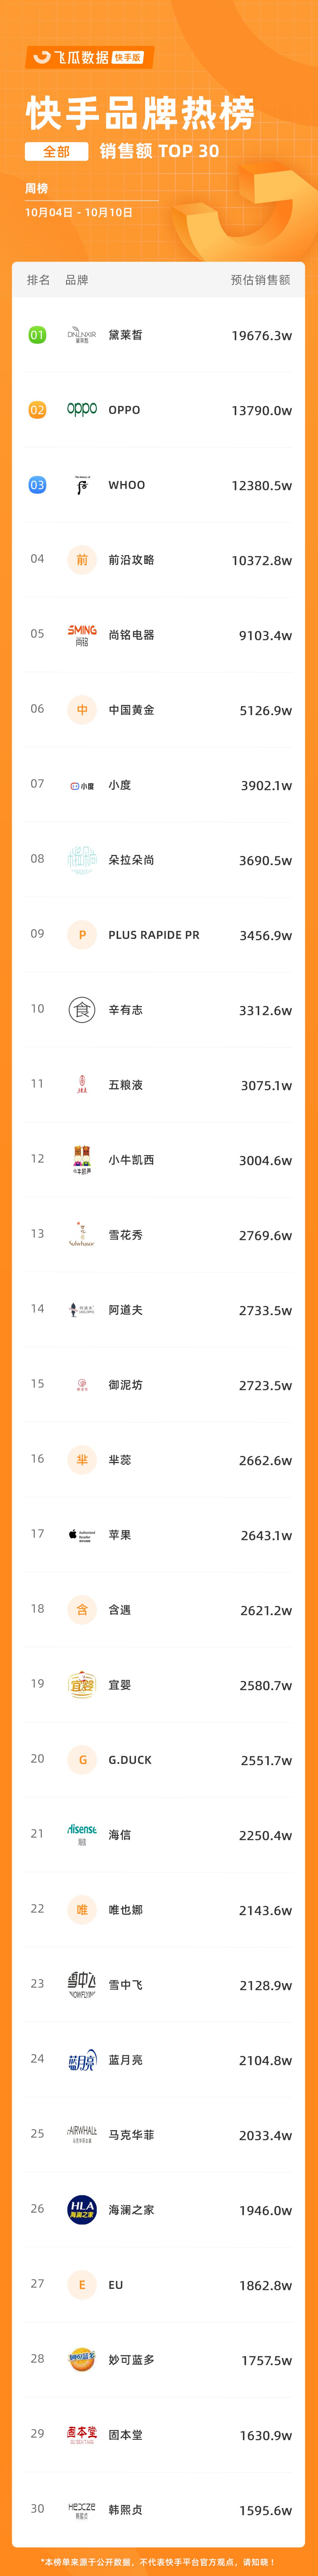 快手品牌周榜 TOP30